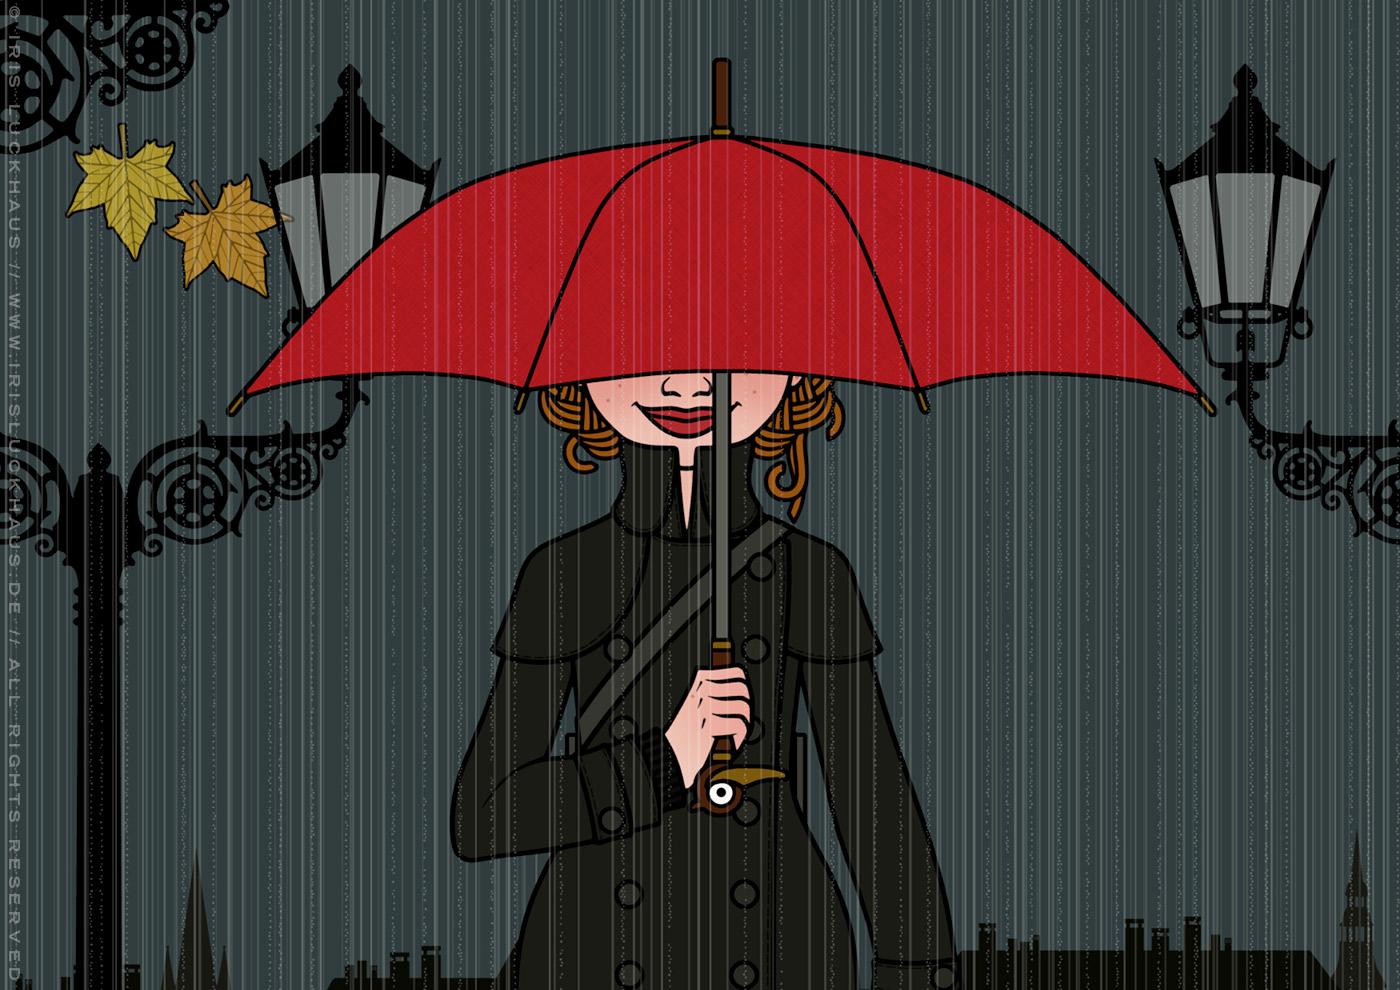 Ausschnitt aus der Zeichnung von einem Mädchen beim Spaziergang mit Mantel, Gummistiefeln und rotem Schirm bei Regen und Dunkelheit in der Stadt, für Lily Lux